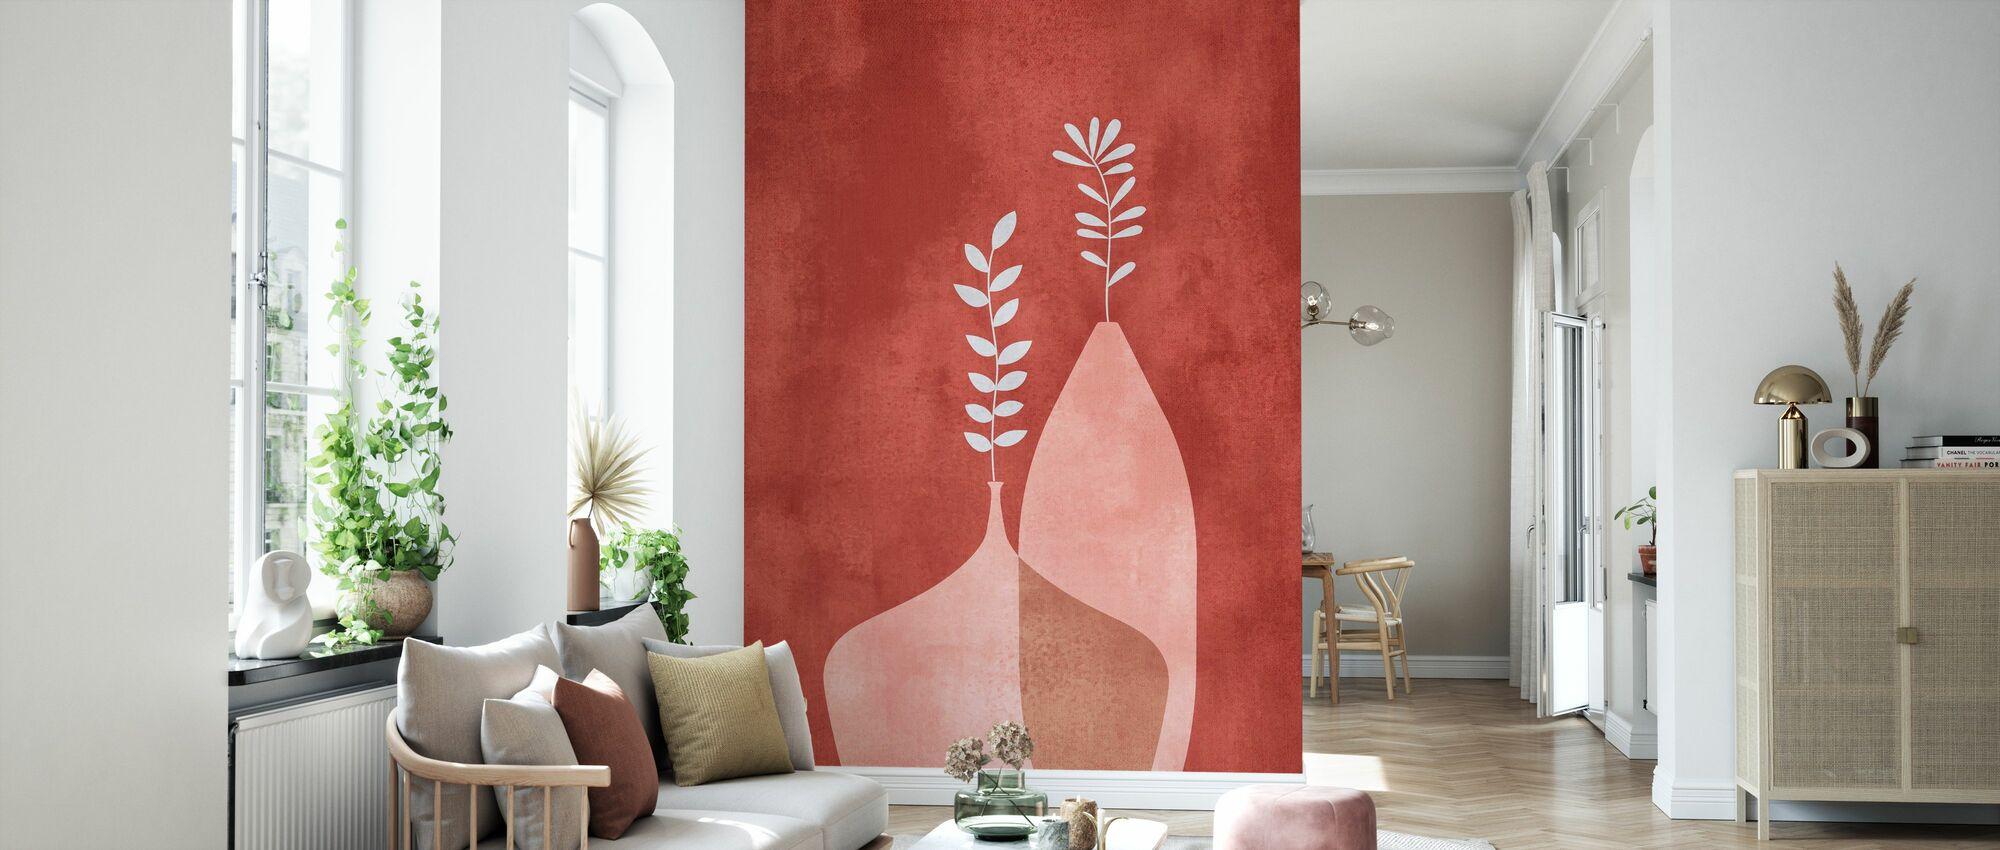 Melancholy - Wallpaper - Living Room